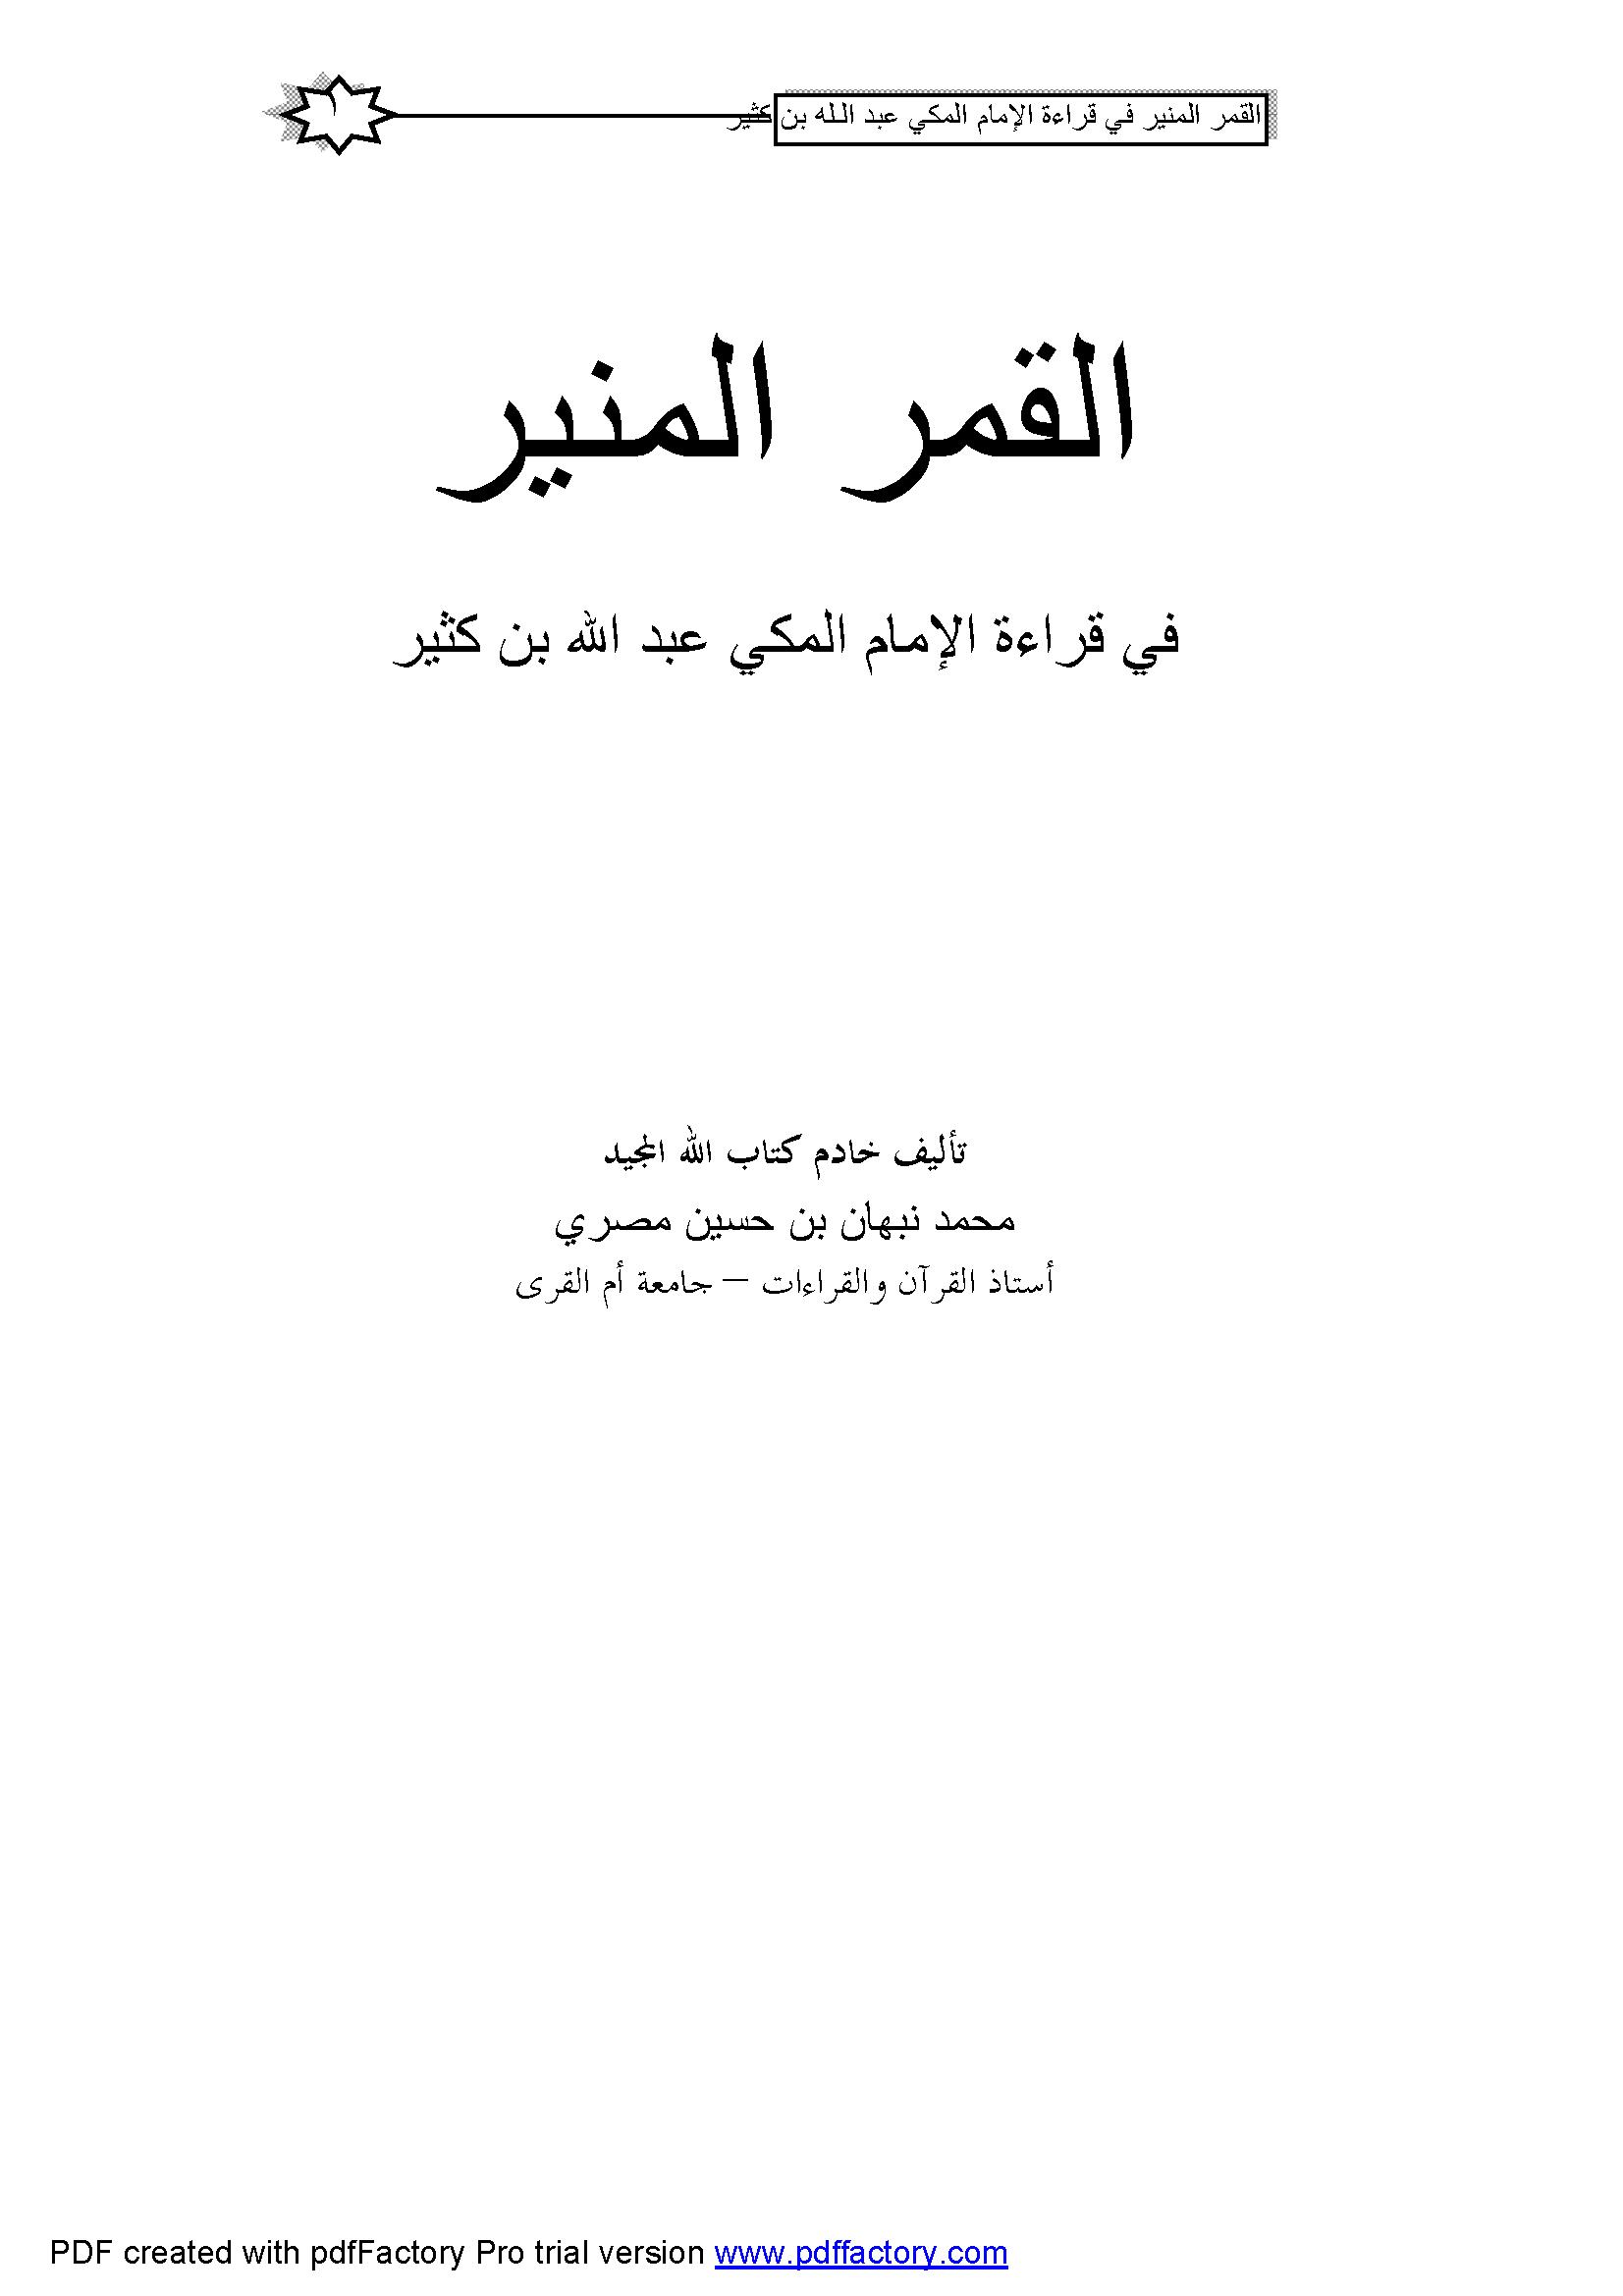 تحميل كتاب القمر المنير في قراءة الإمام المكي عبد الله بن كثير لـِ: الشيخ محمد نبهان بن حسين مصري